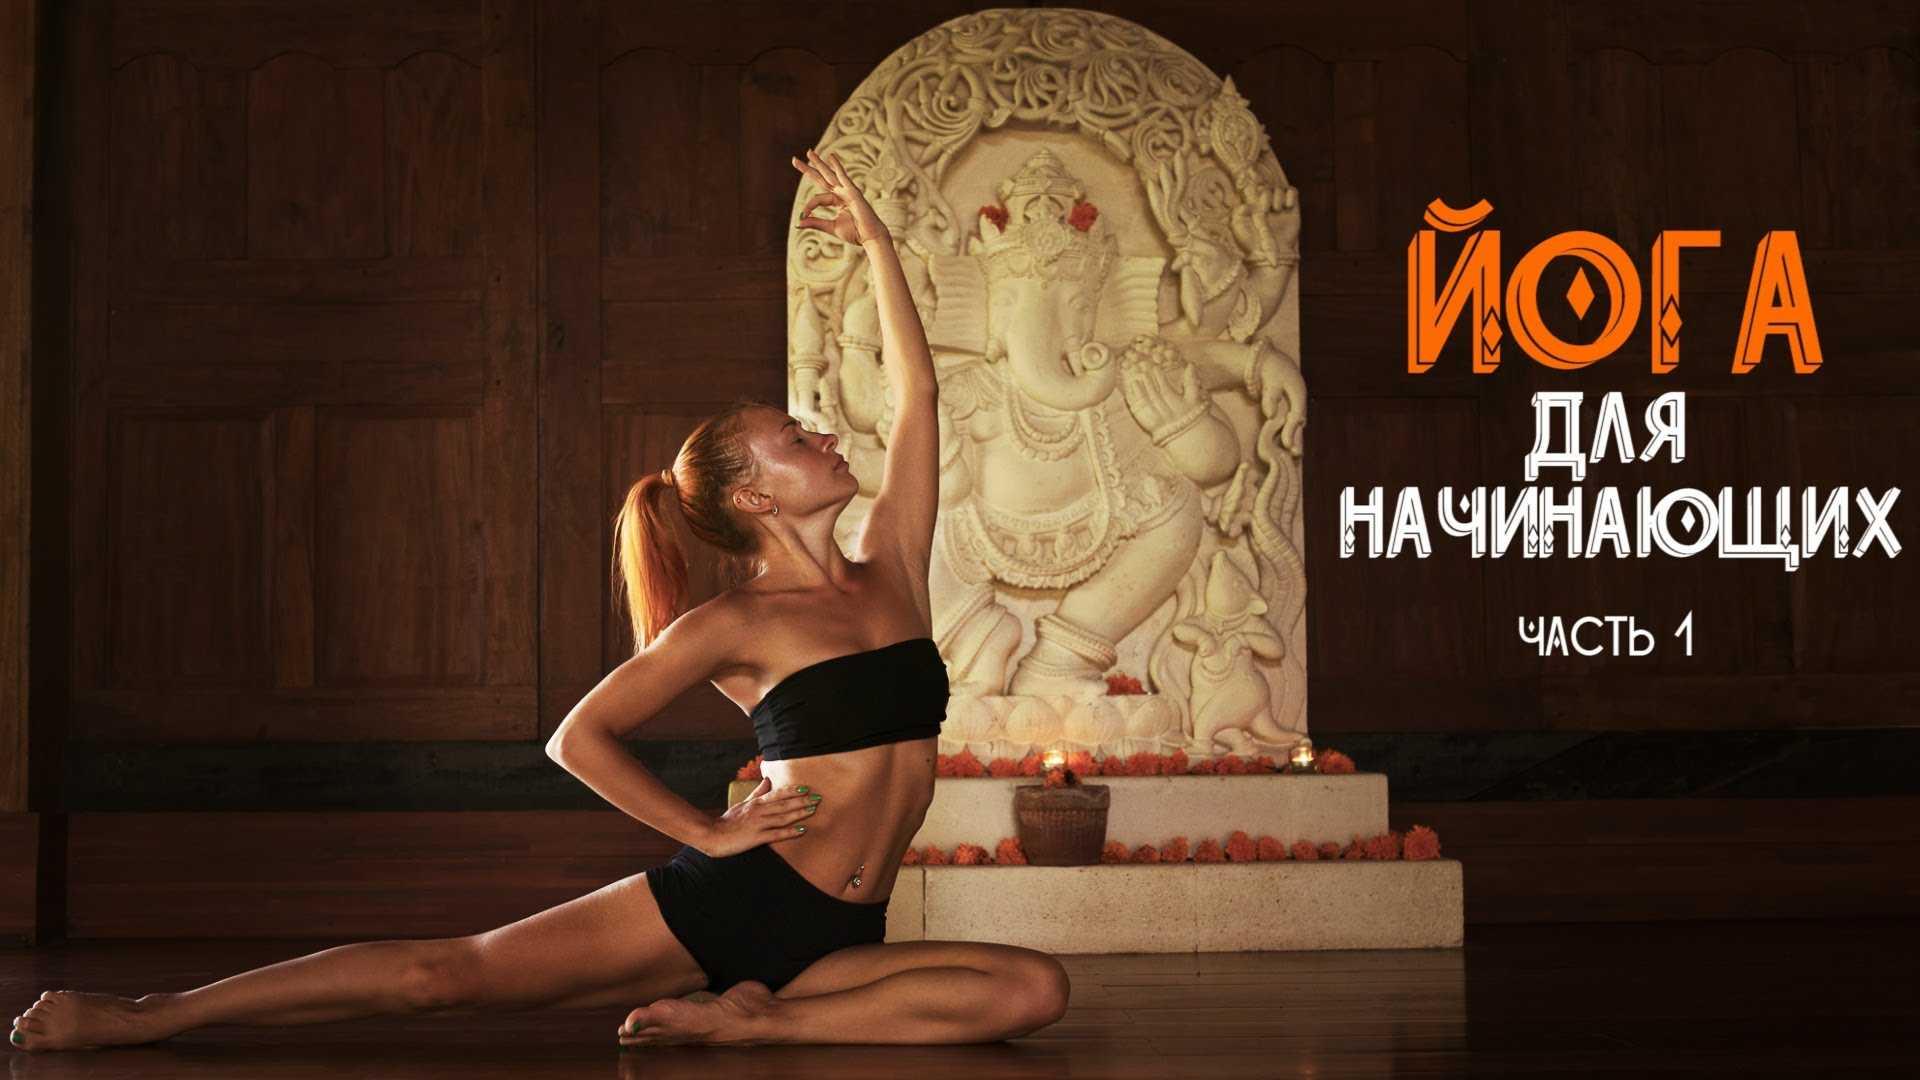 Топ-30 упражнений из йоги для здоровья спины (с фото)